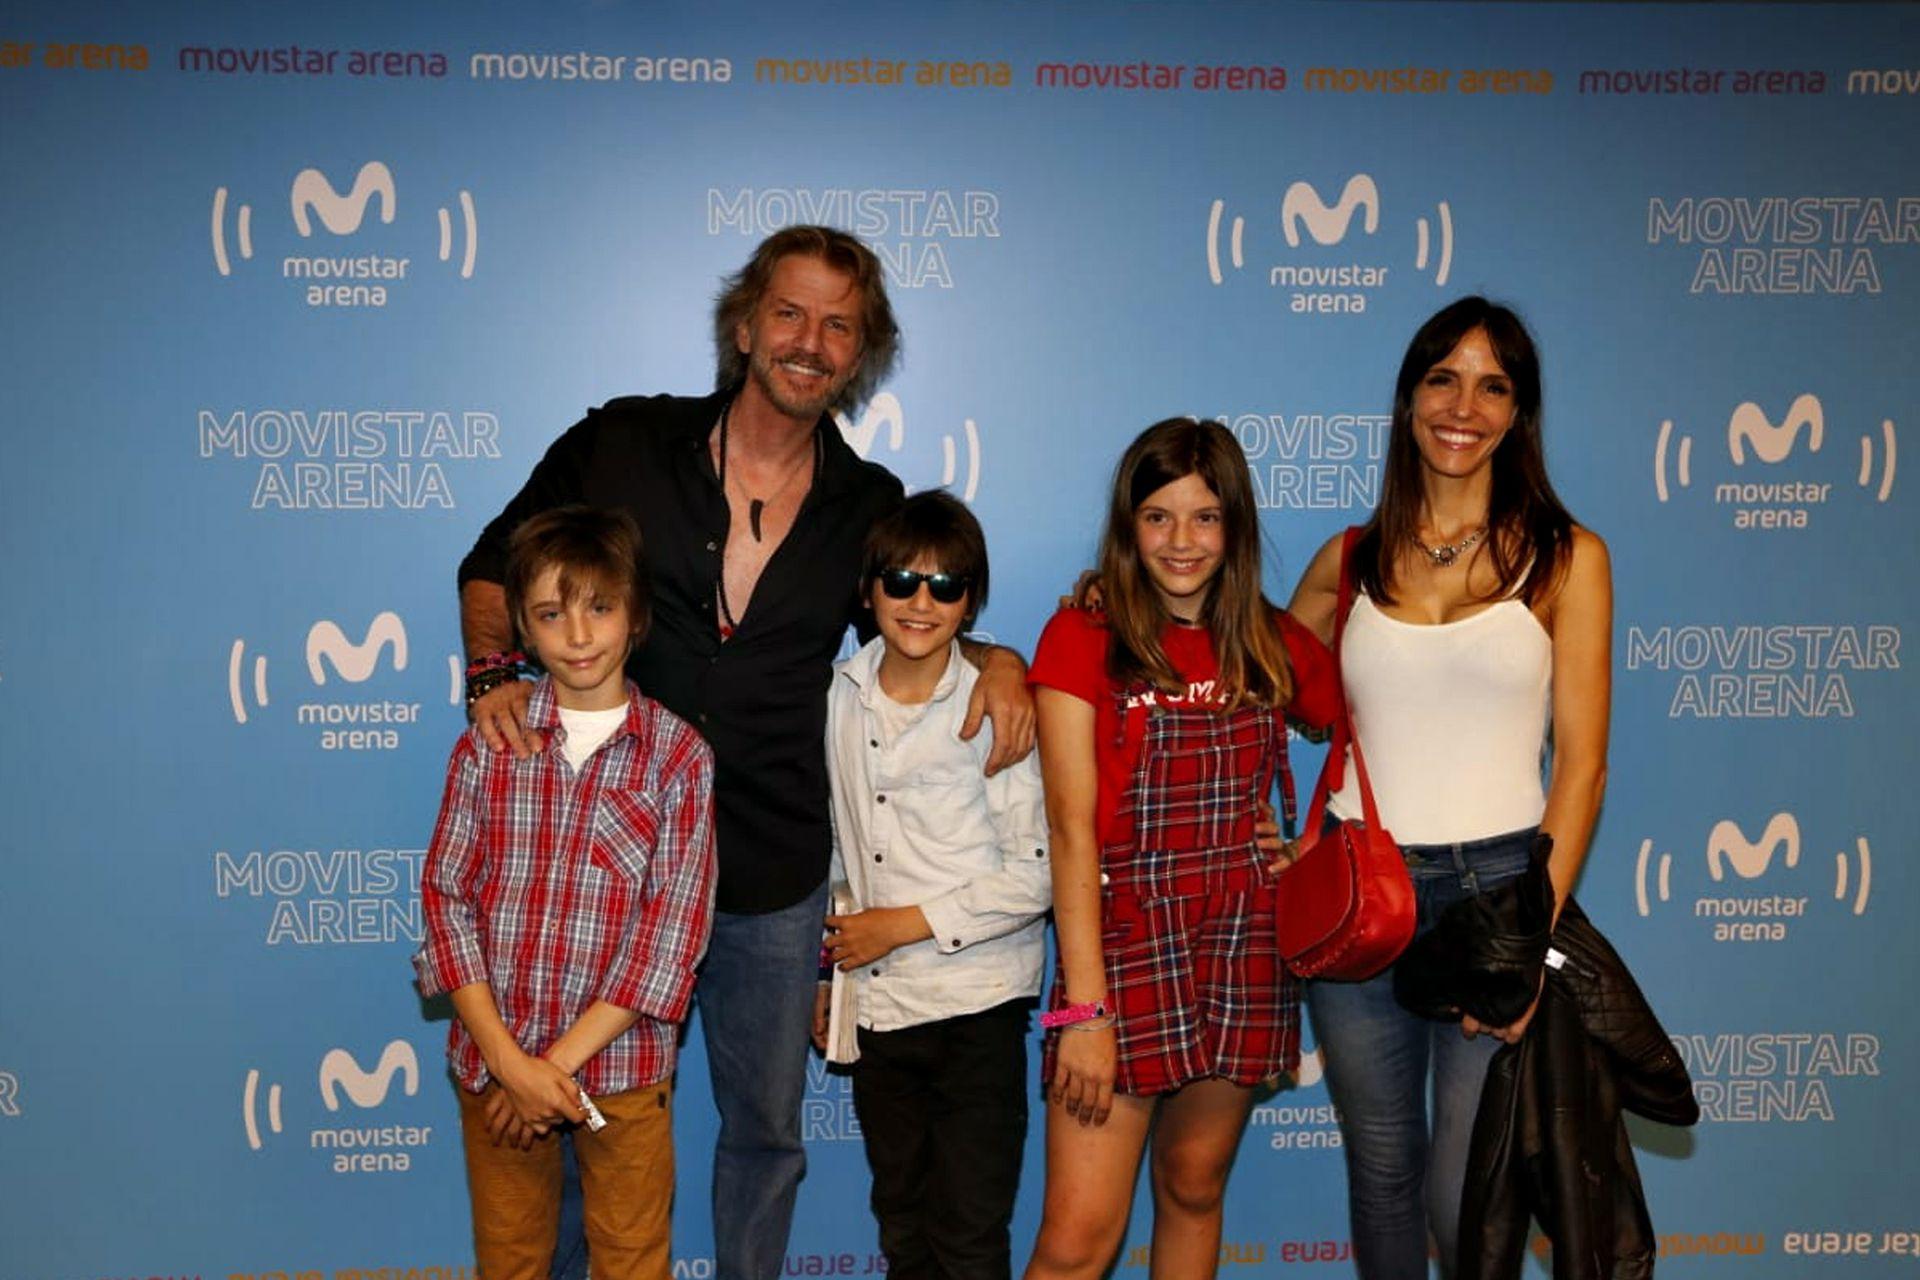 Facundo Arana y María Susini con sus hijos India, Yaco y Moro